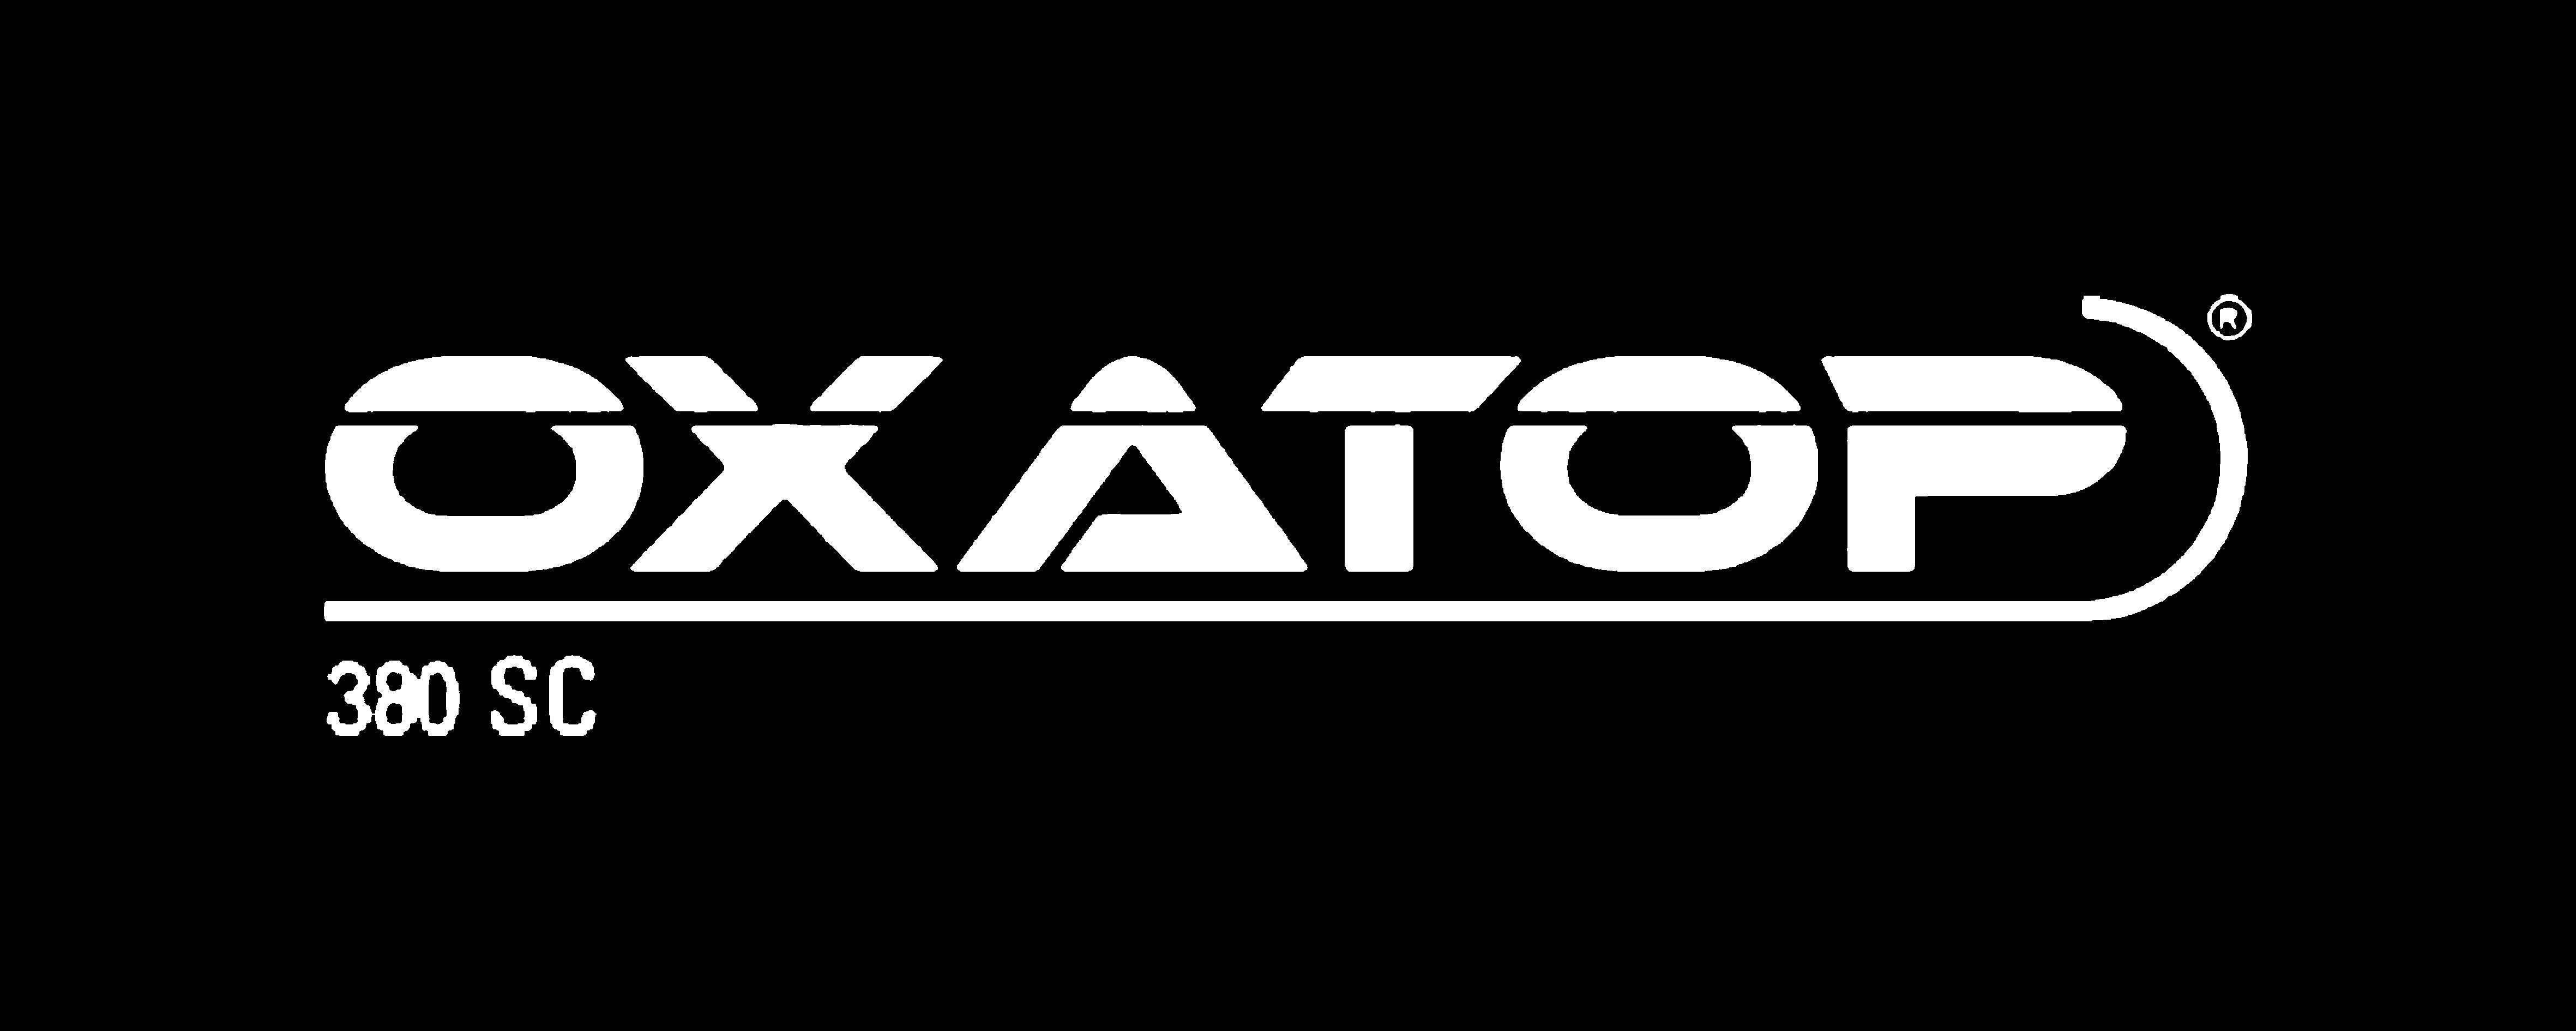 OXATOP-380-SC-